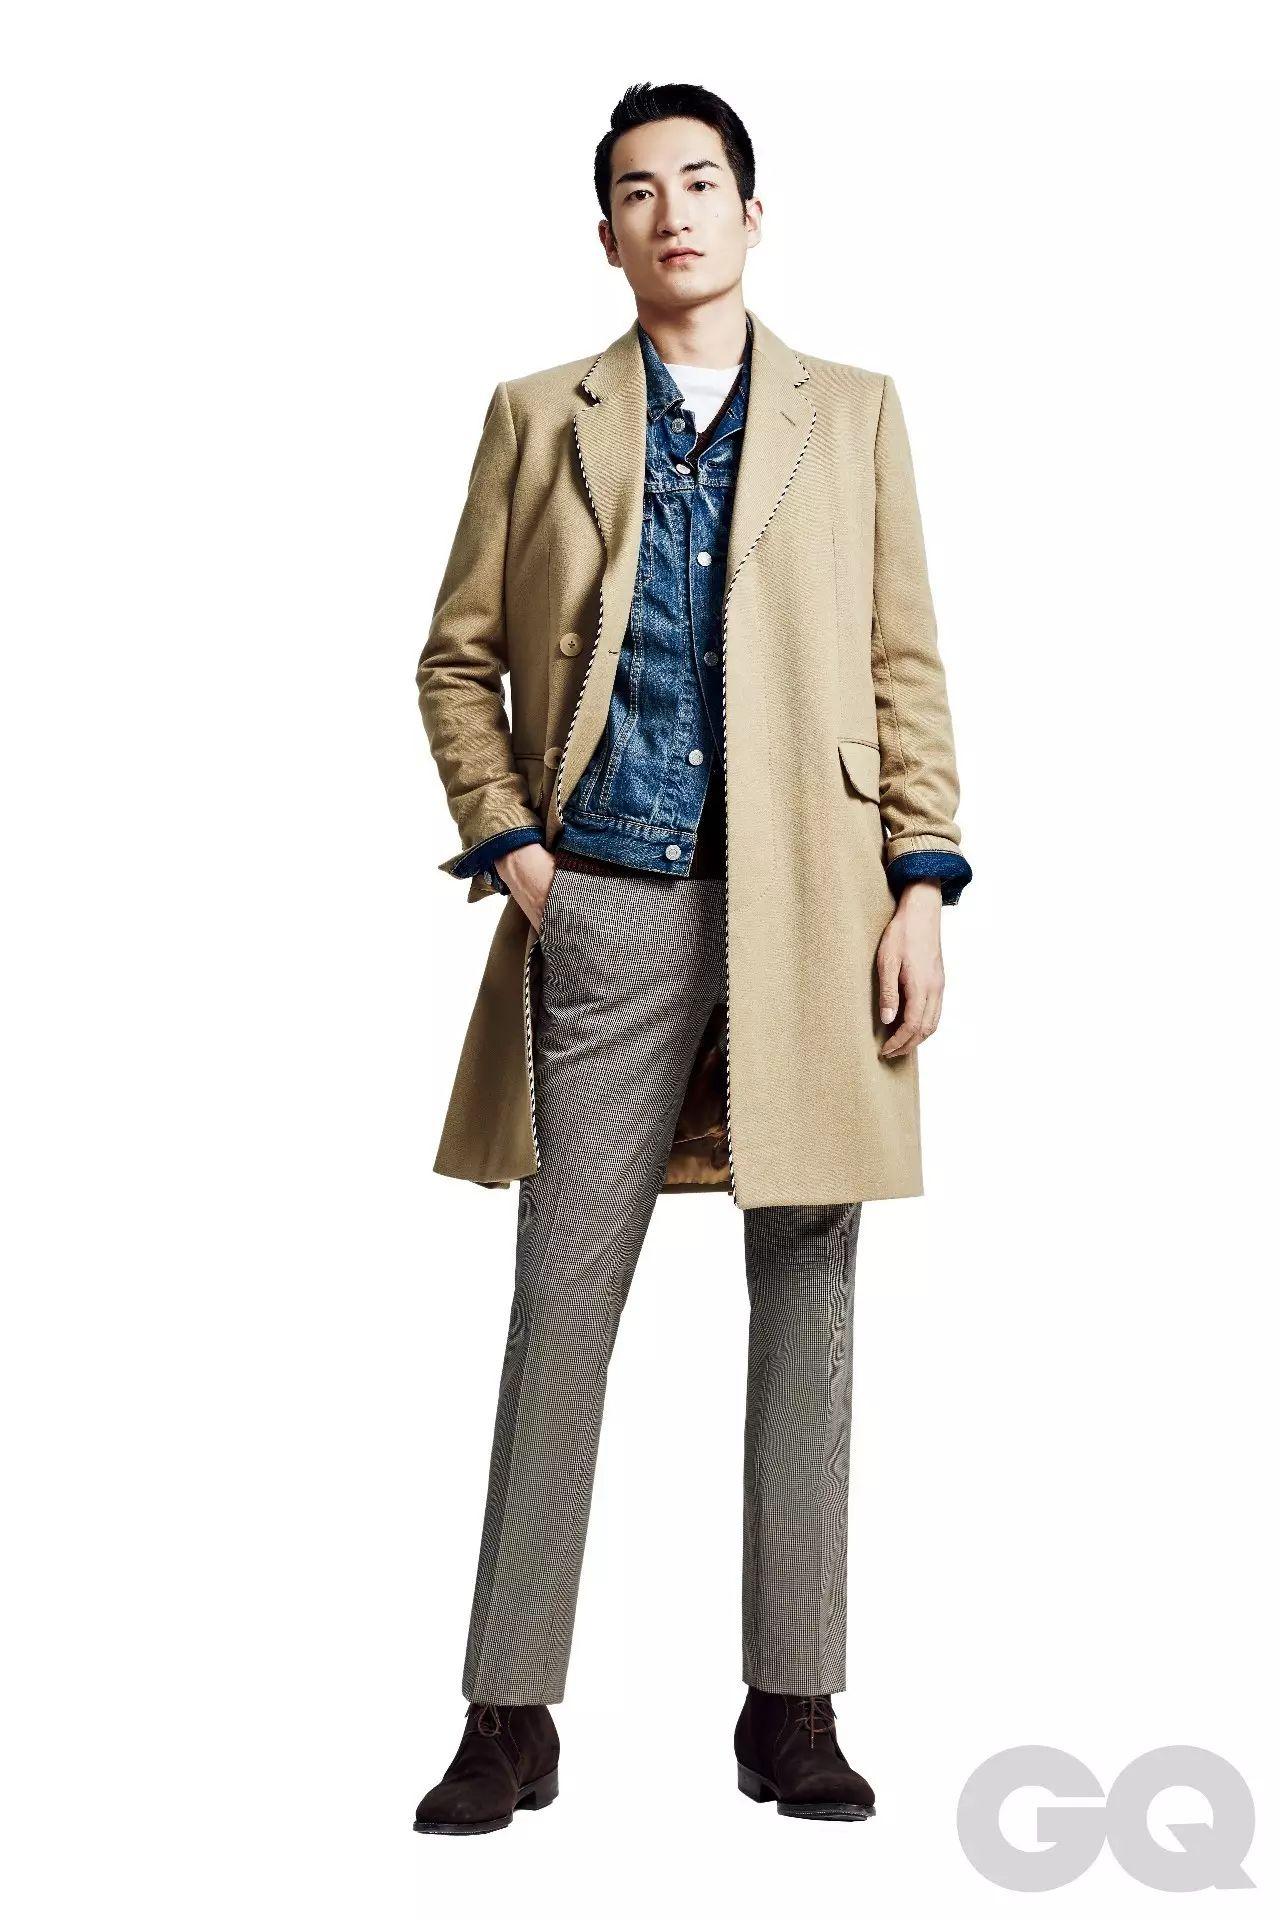 今年过冬就全靠这件大衣了,但你会搭配吗?